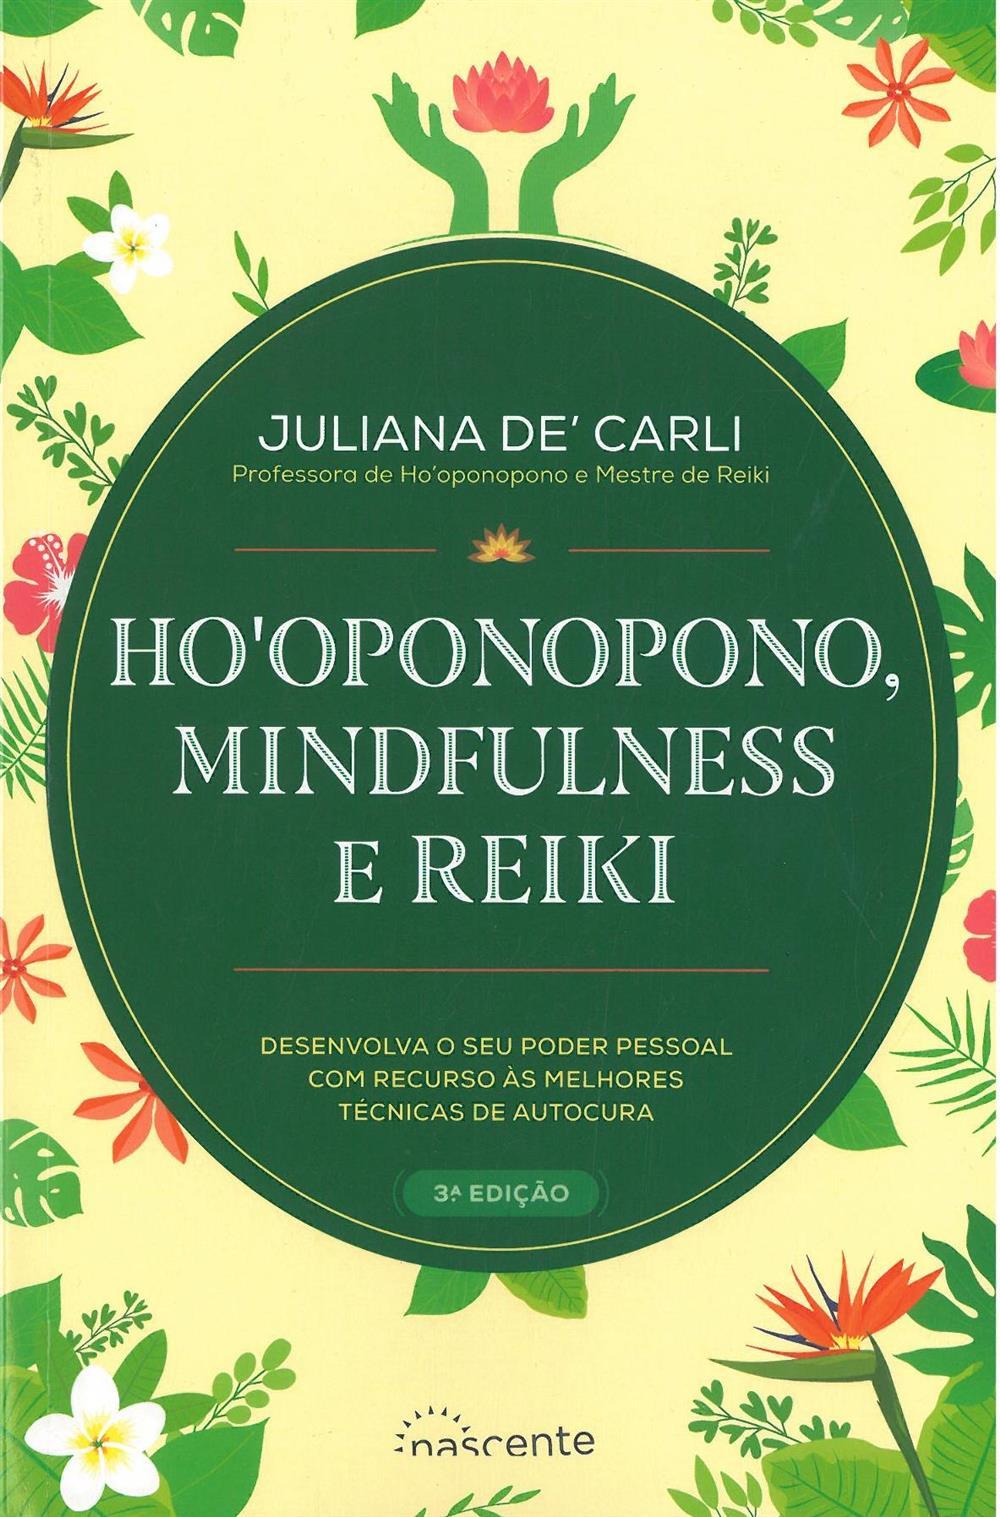 Ho'oponopono, mindfulness e reiki_.jpg